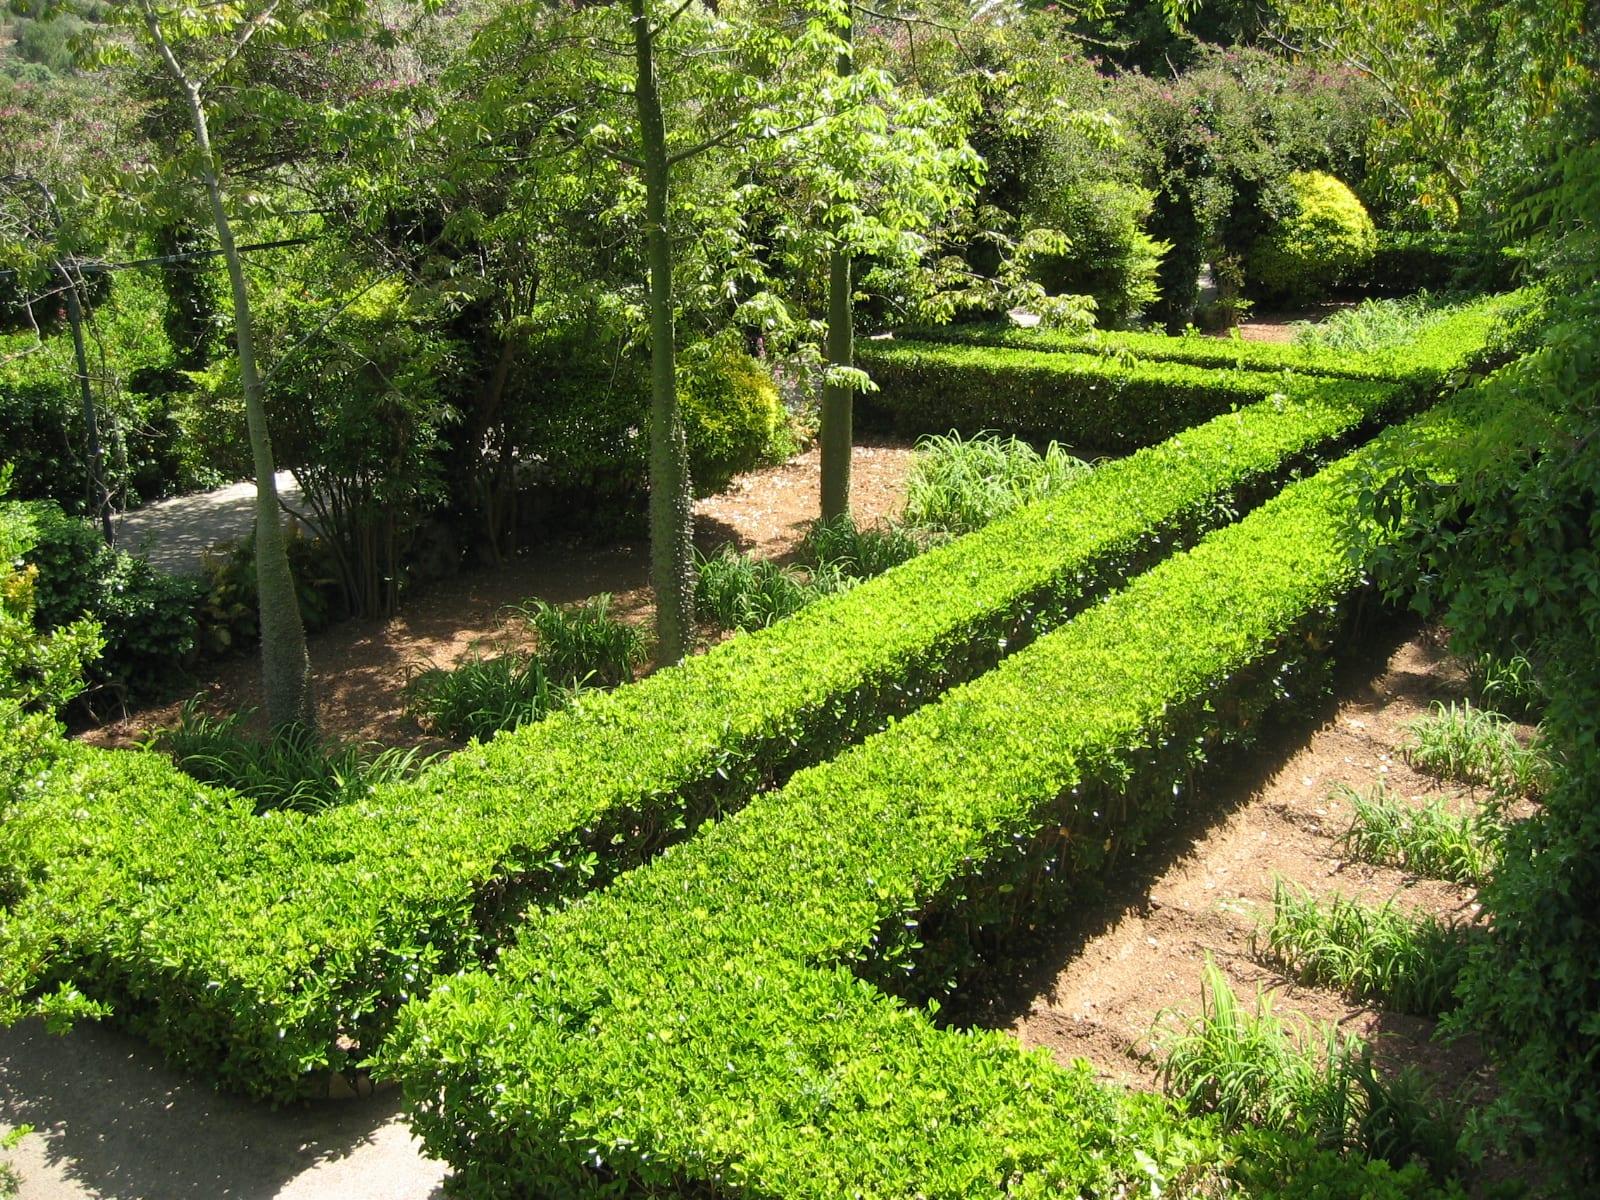 Cu ndo y c mo plantar setos - Cierres de jardin ...